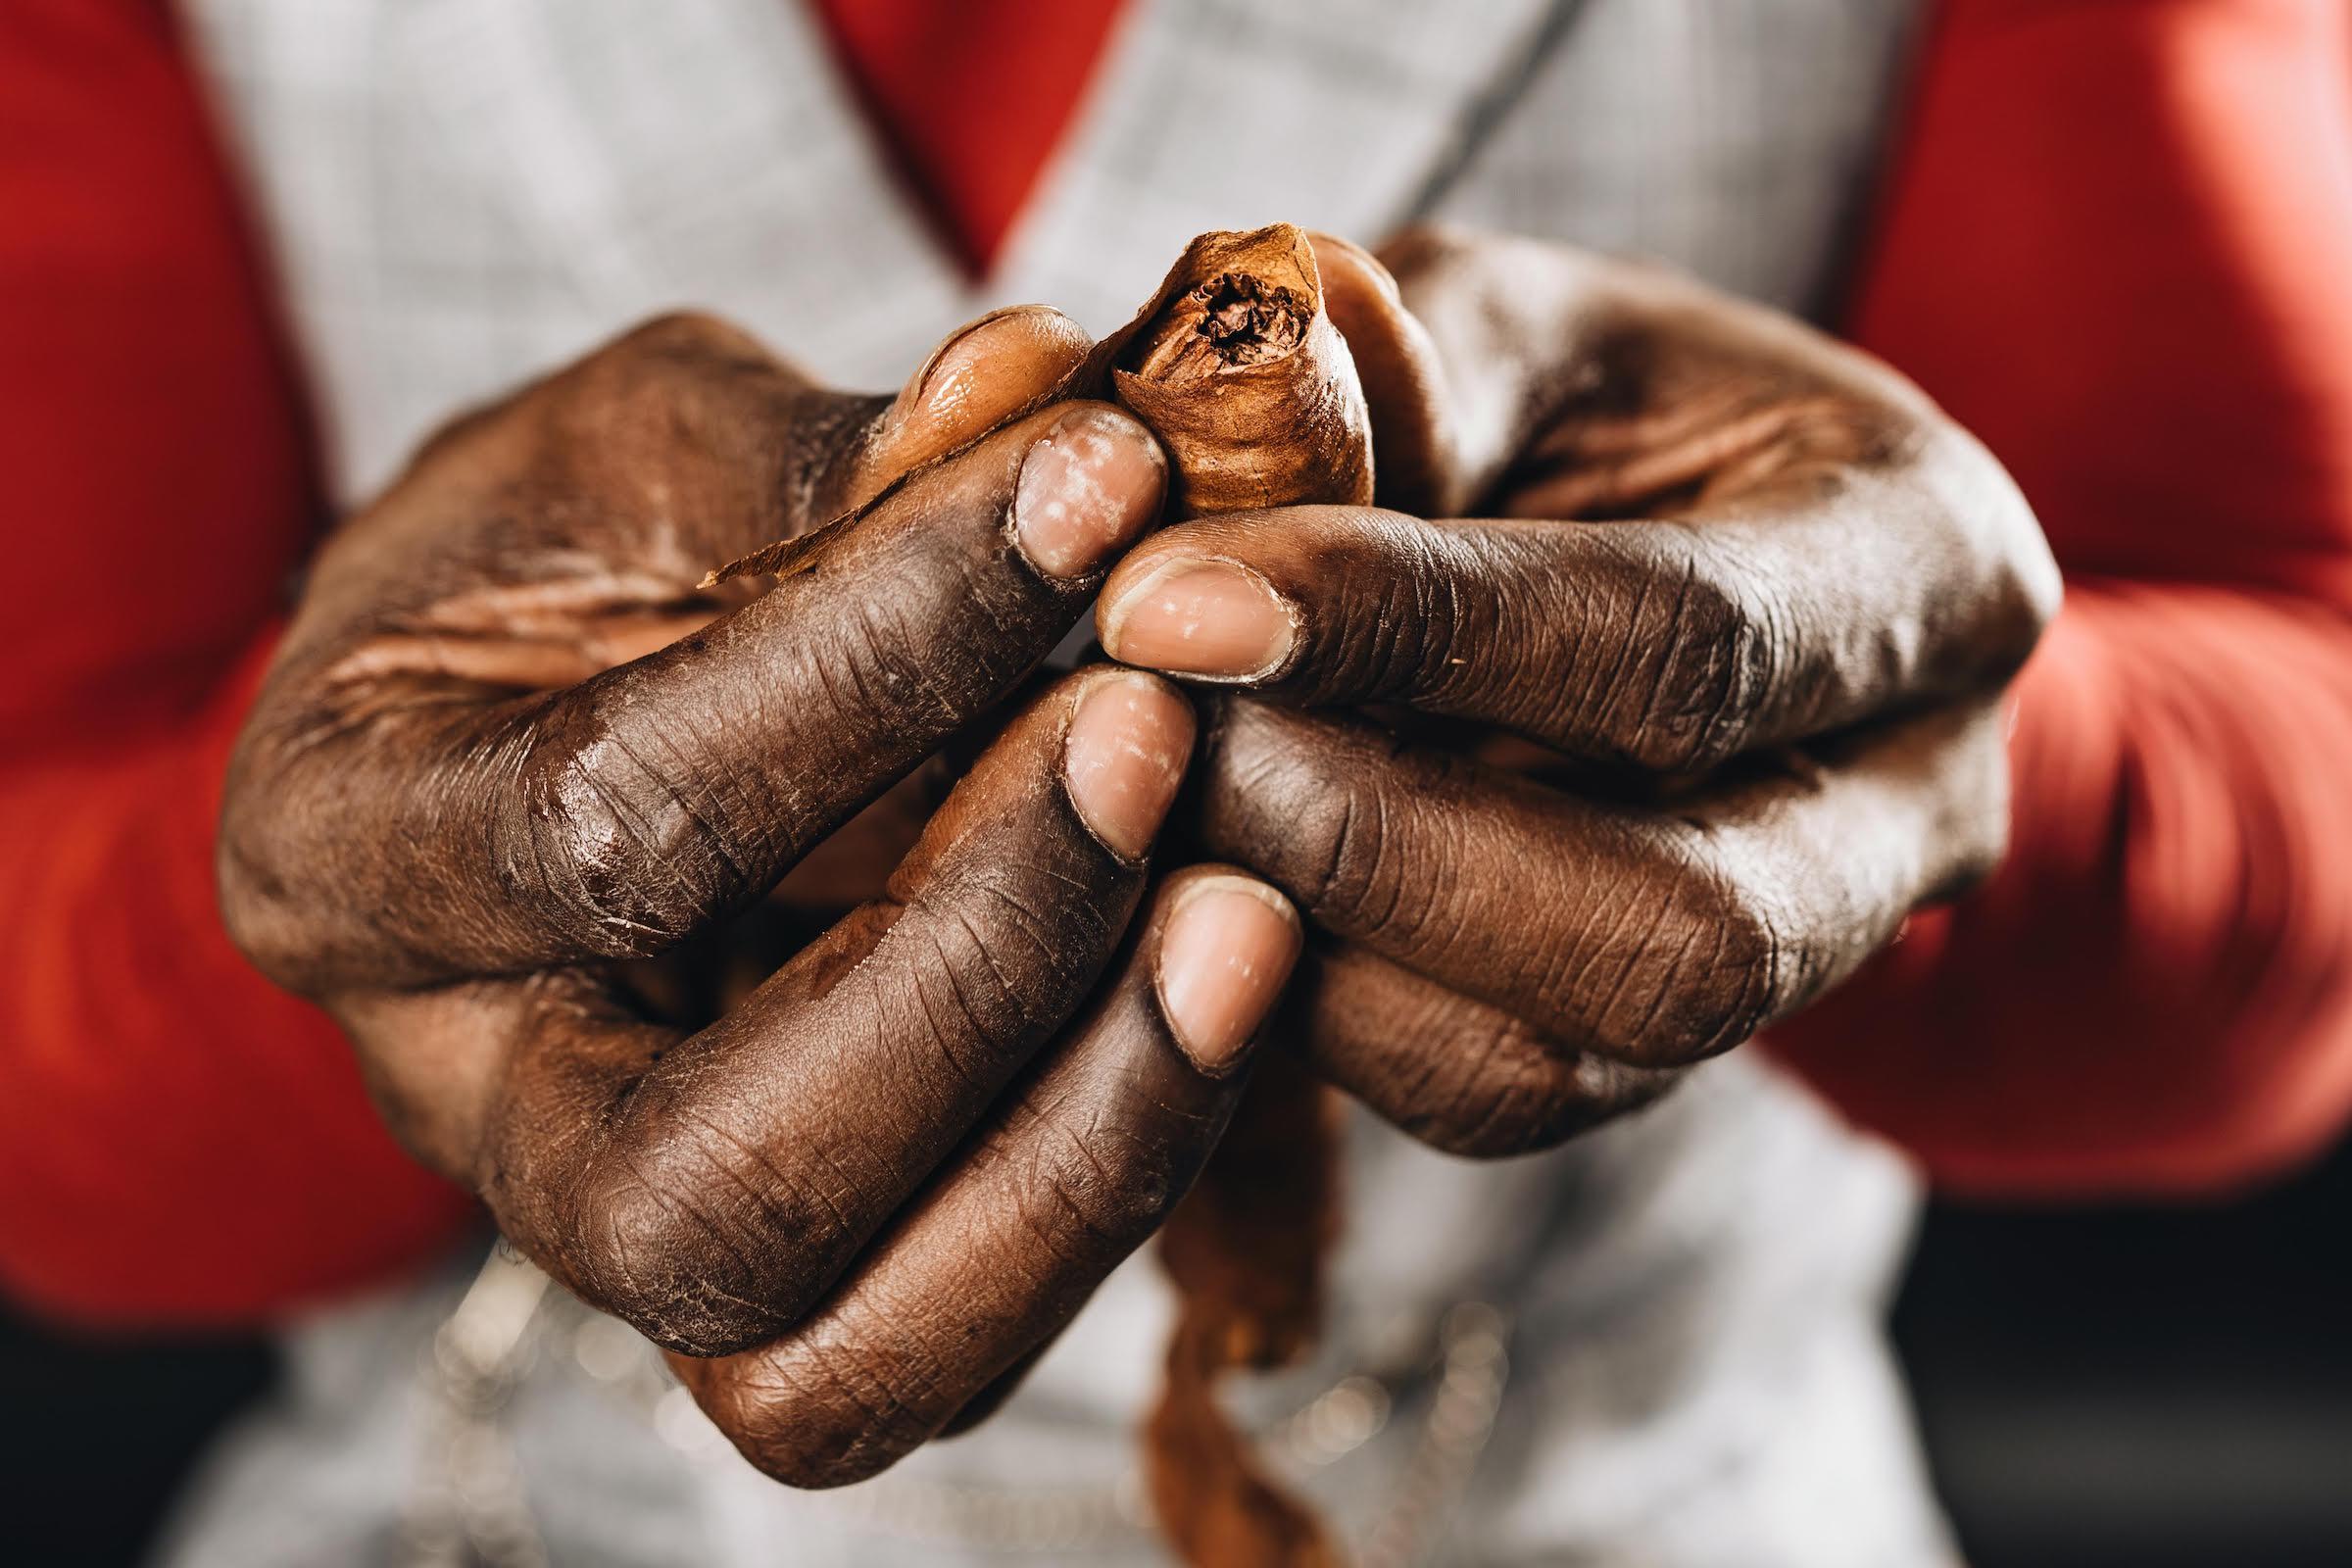 Zigarrenroller | Zigarrendreher | Zigarrenrollerin |Zigarren | Tabakroller |Messe | Hochzeit | Business | Hochzeit | Kaufen |Buchen | Mieten |Anfragen